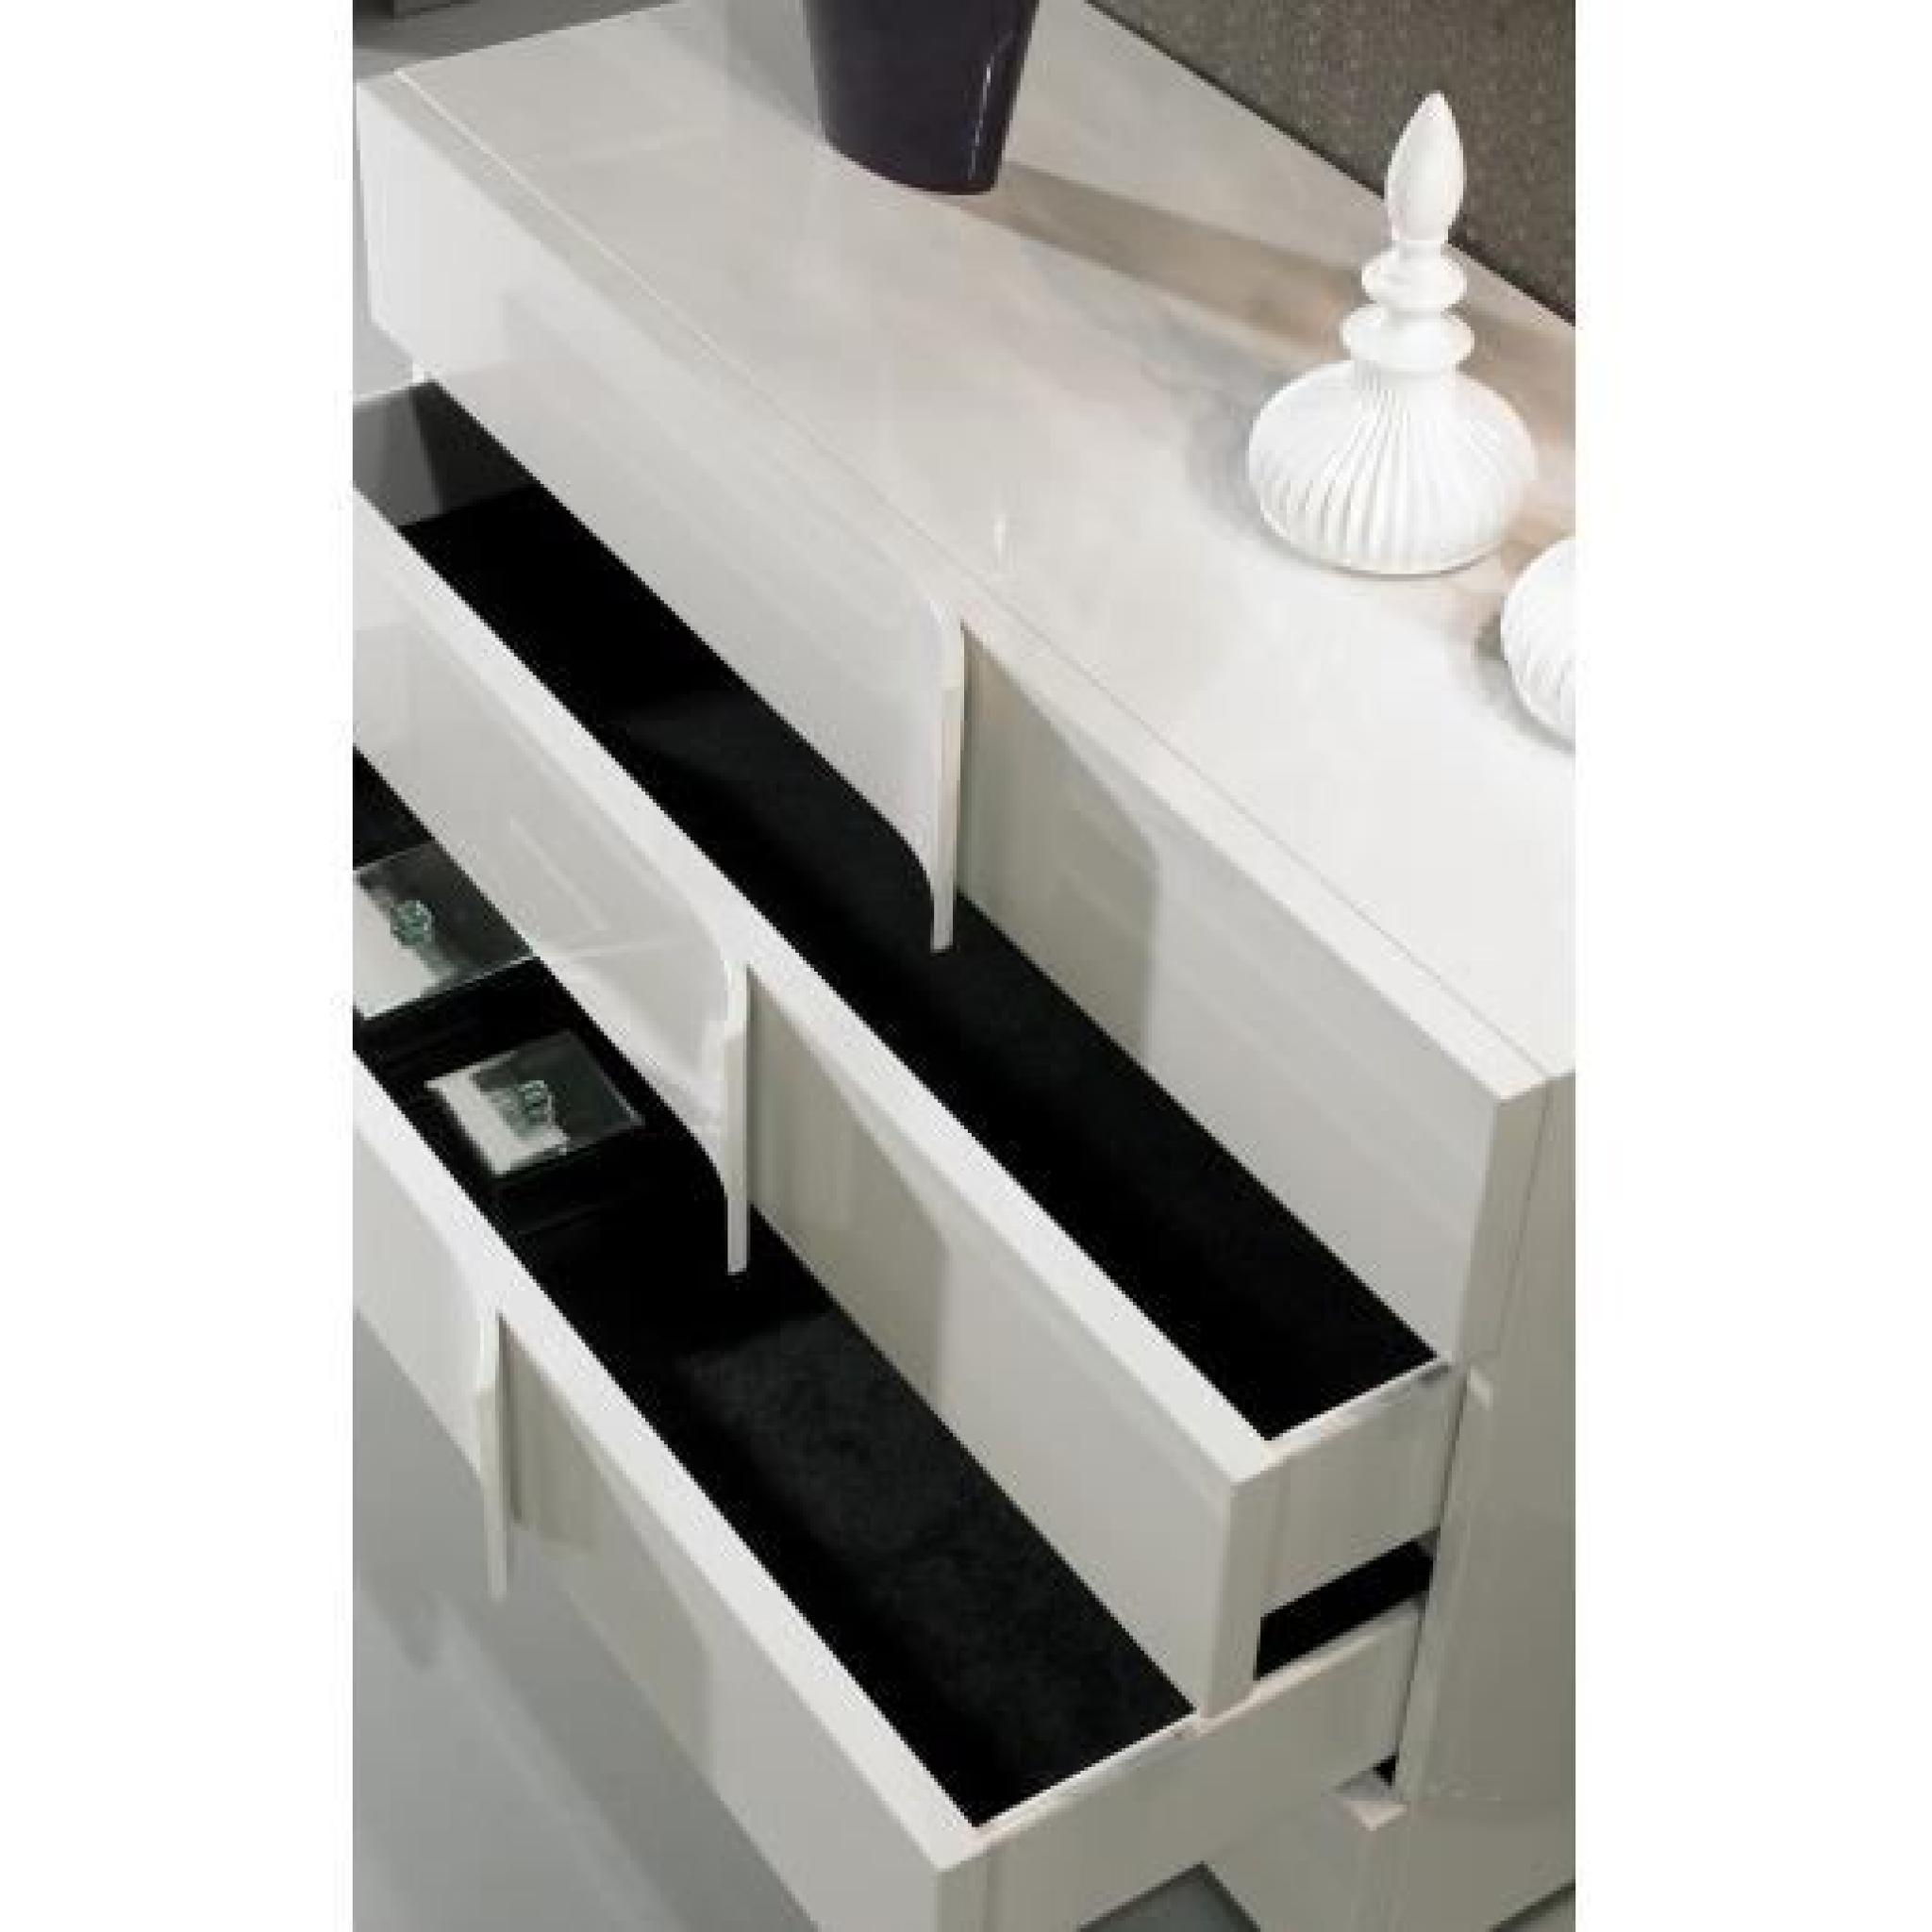 commode design blanc laqu 4 tiroirs ue achat vente commode pas cher couleur et